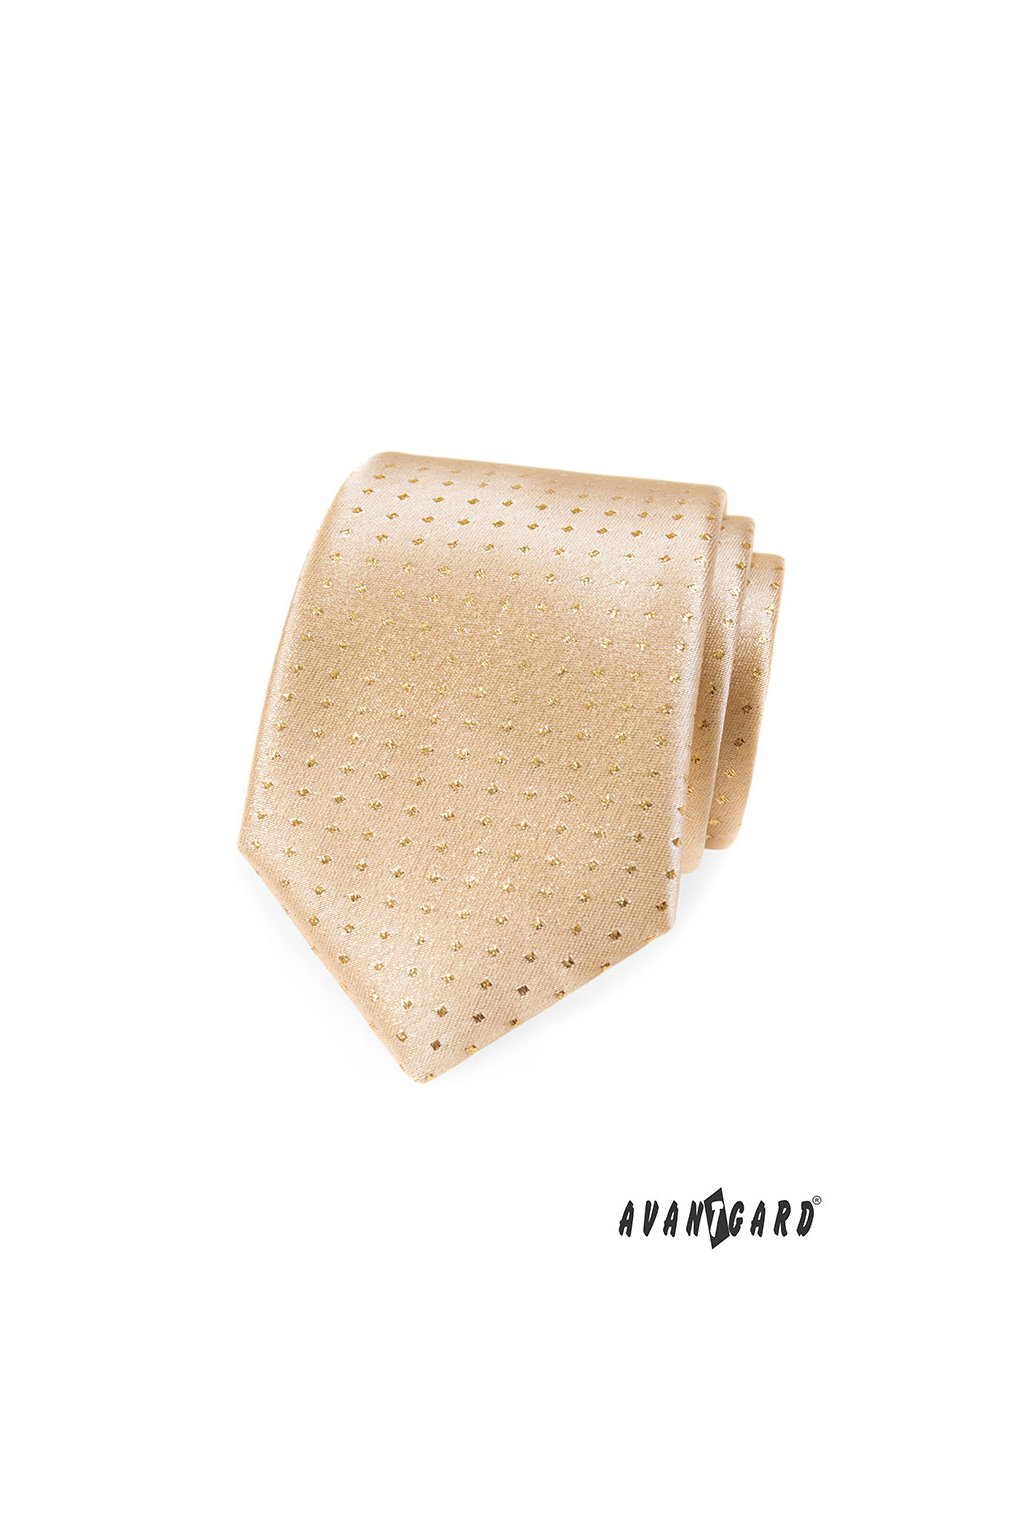 Kravata AVANTGARD LUX zlatá 561 - 81230